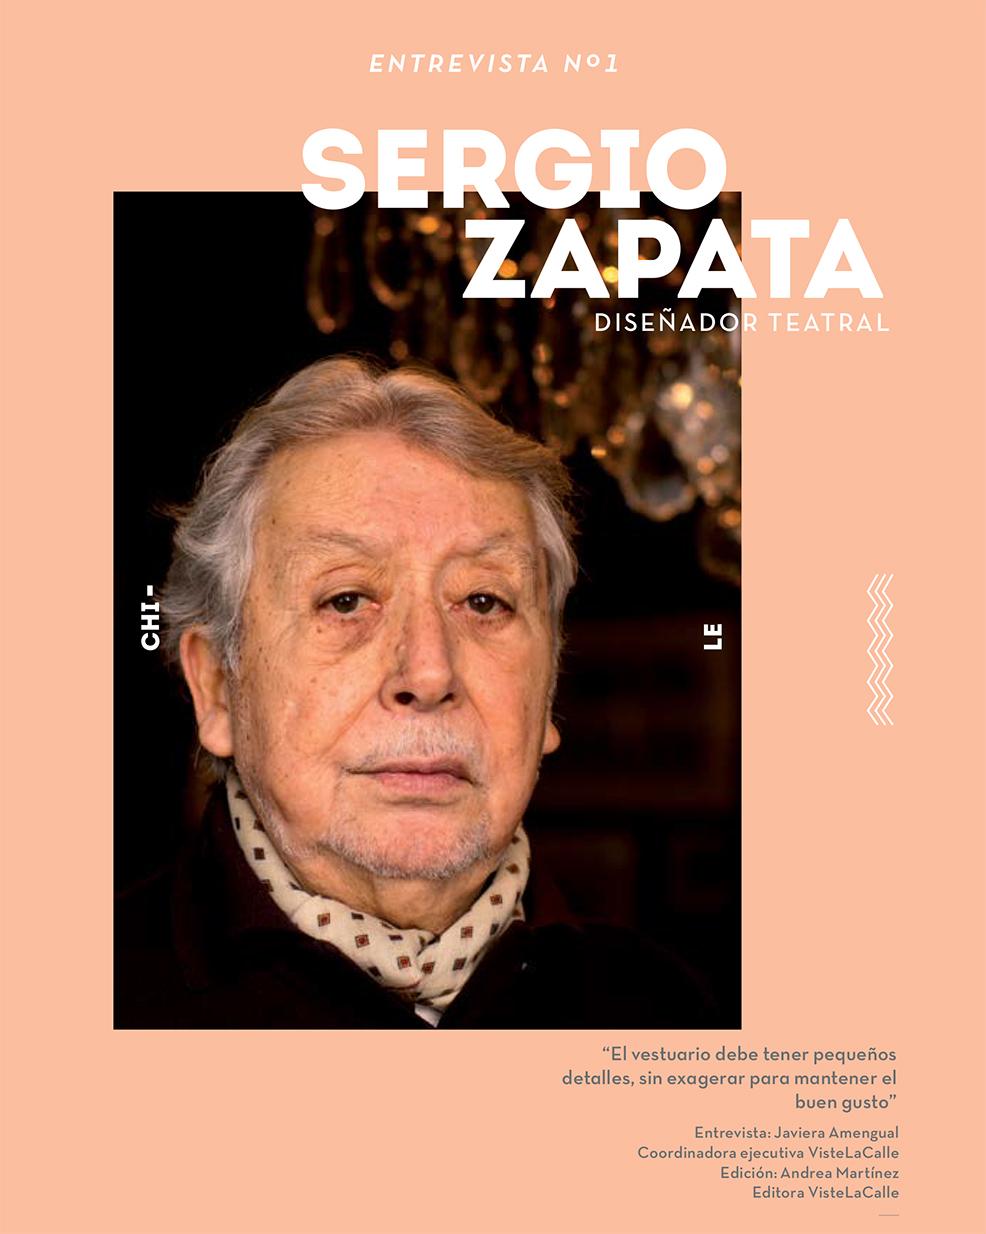 """Entrevista al diseñador teatral Sergio Zapata: """"El vestuario debe tener pequeños detalles, sin exagerar para mantener el buen gusto"""""""